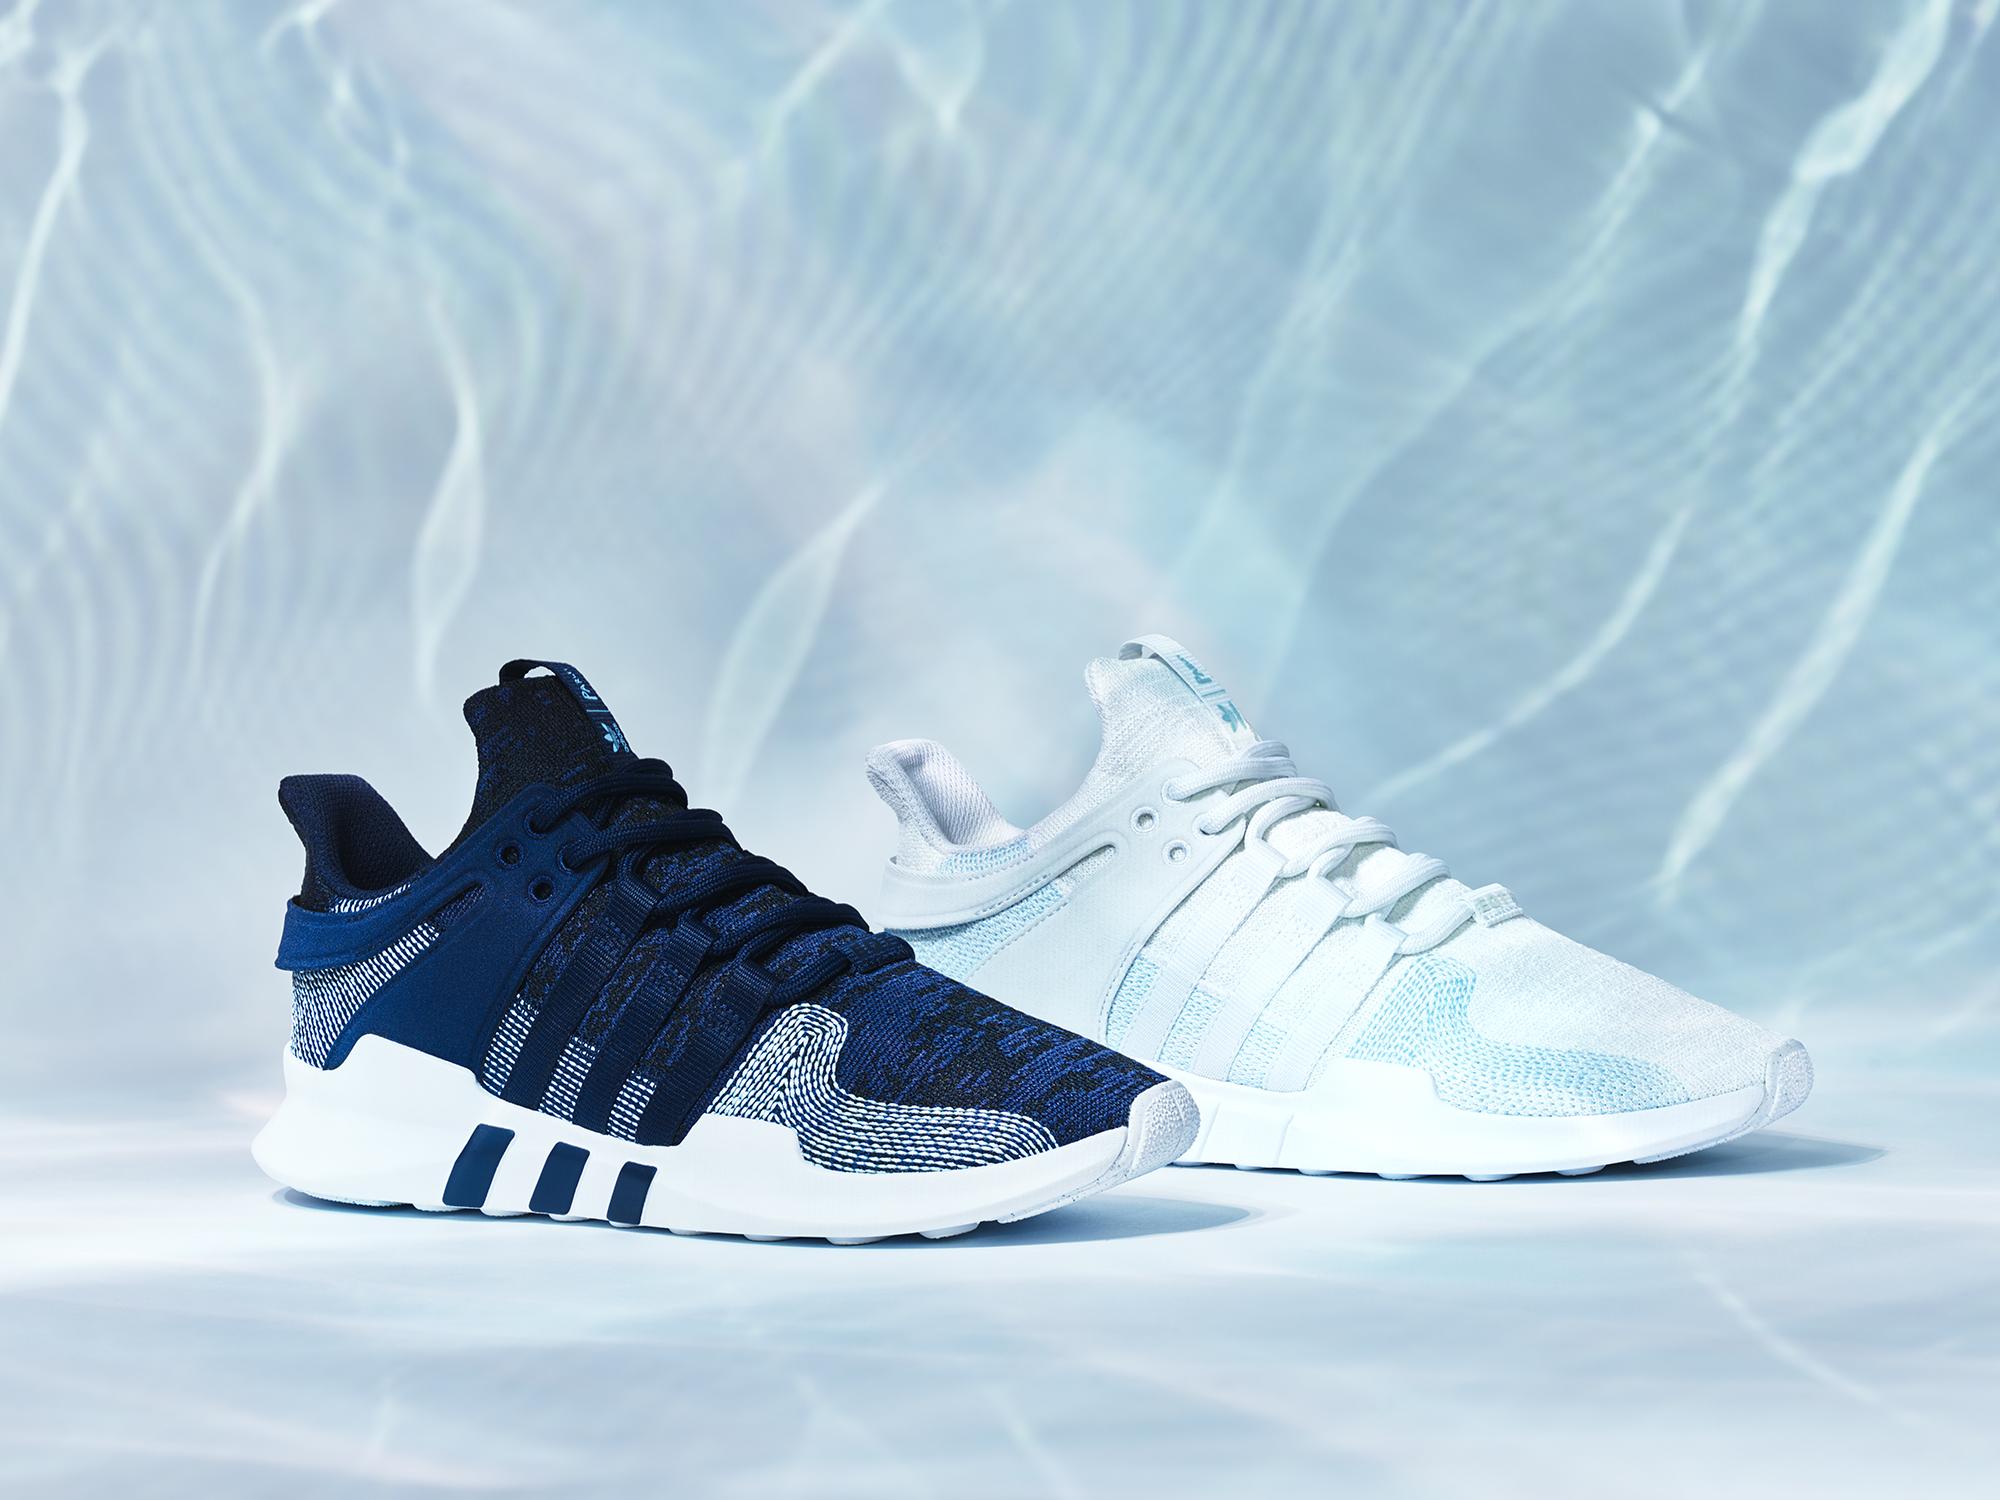 Image courtesy of adidas